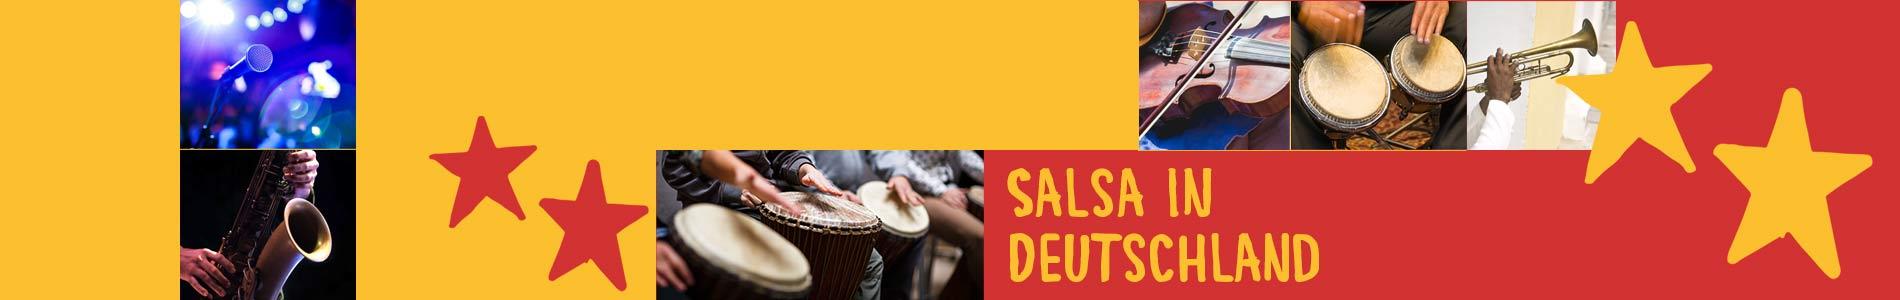 Salsa in Carpin – Salsa lernen und tanzen, Tanzkurse, Partys, Veranstaltungen